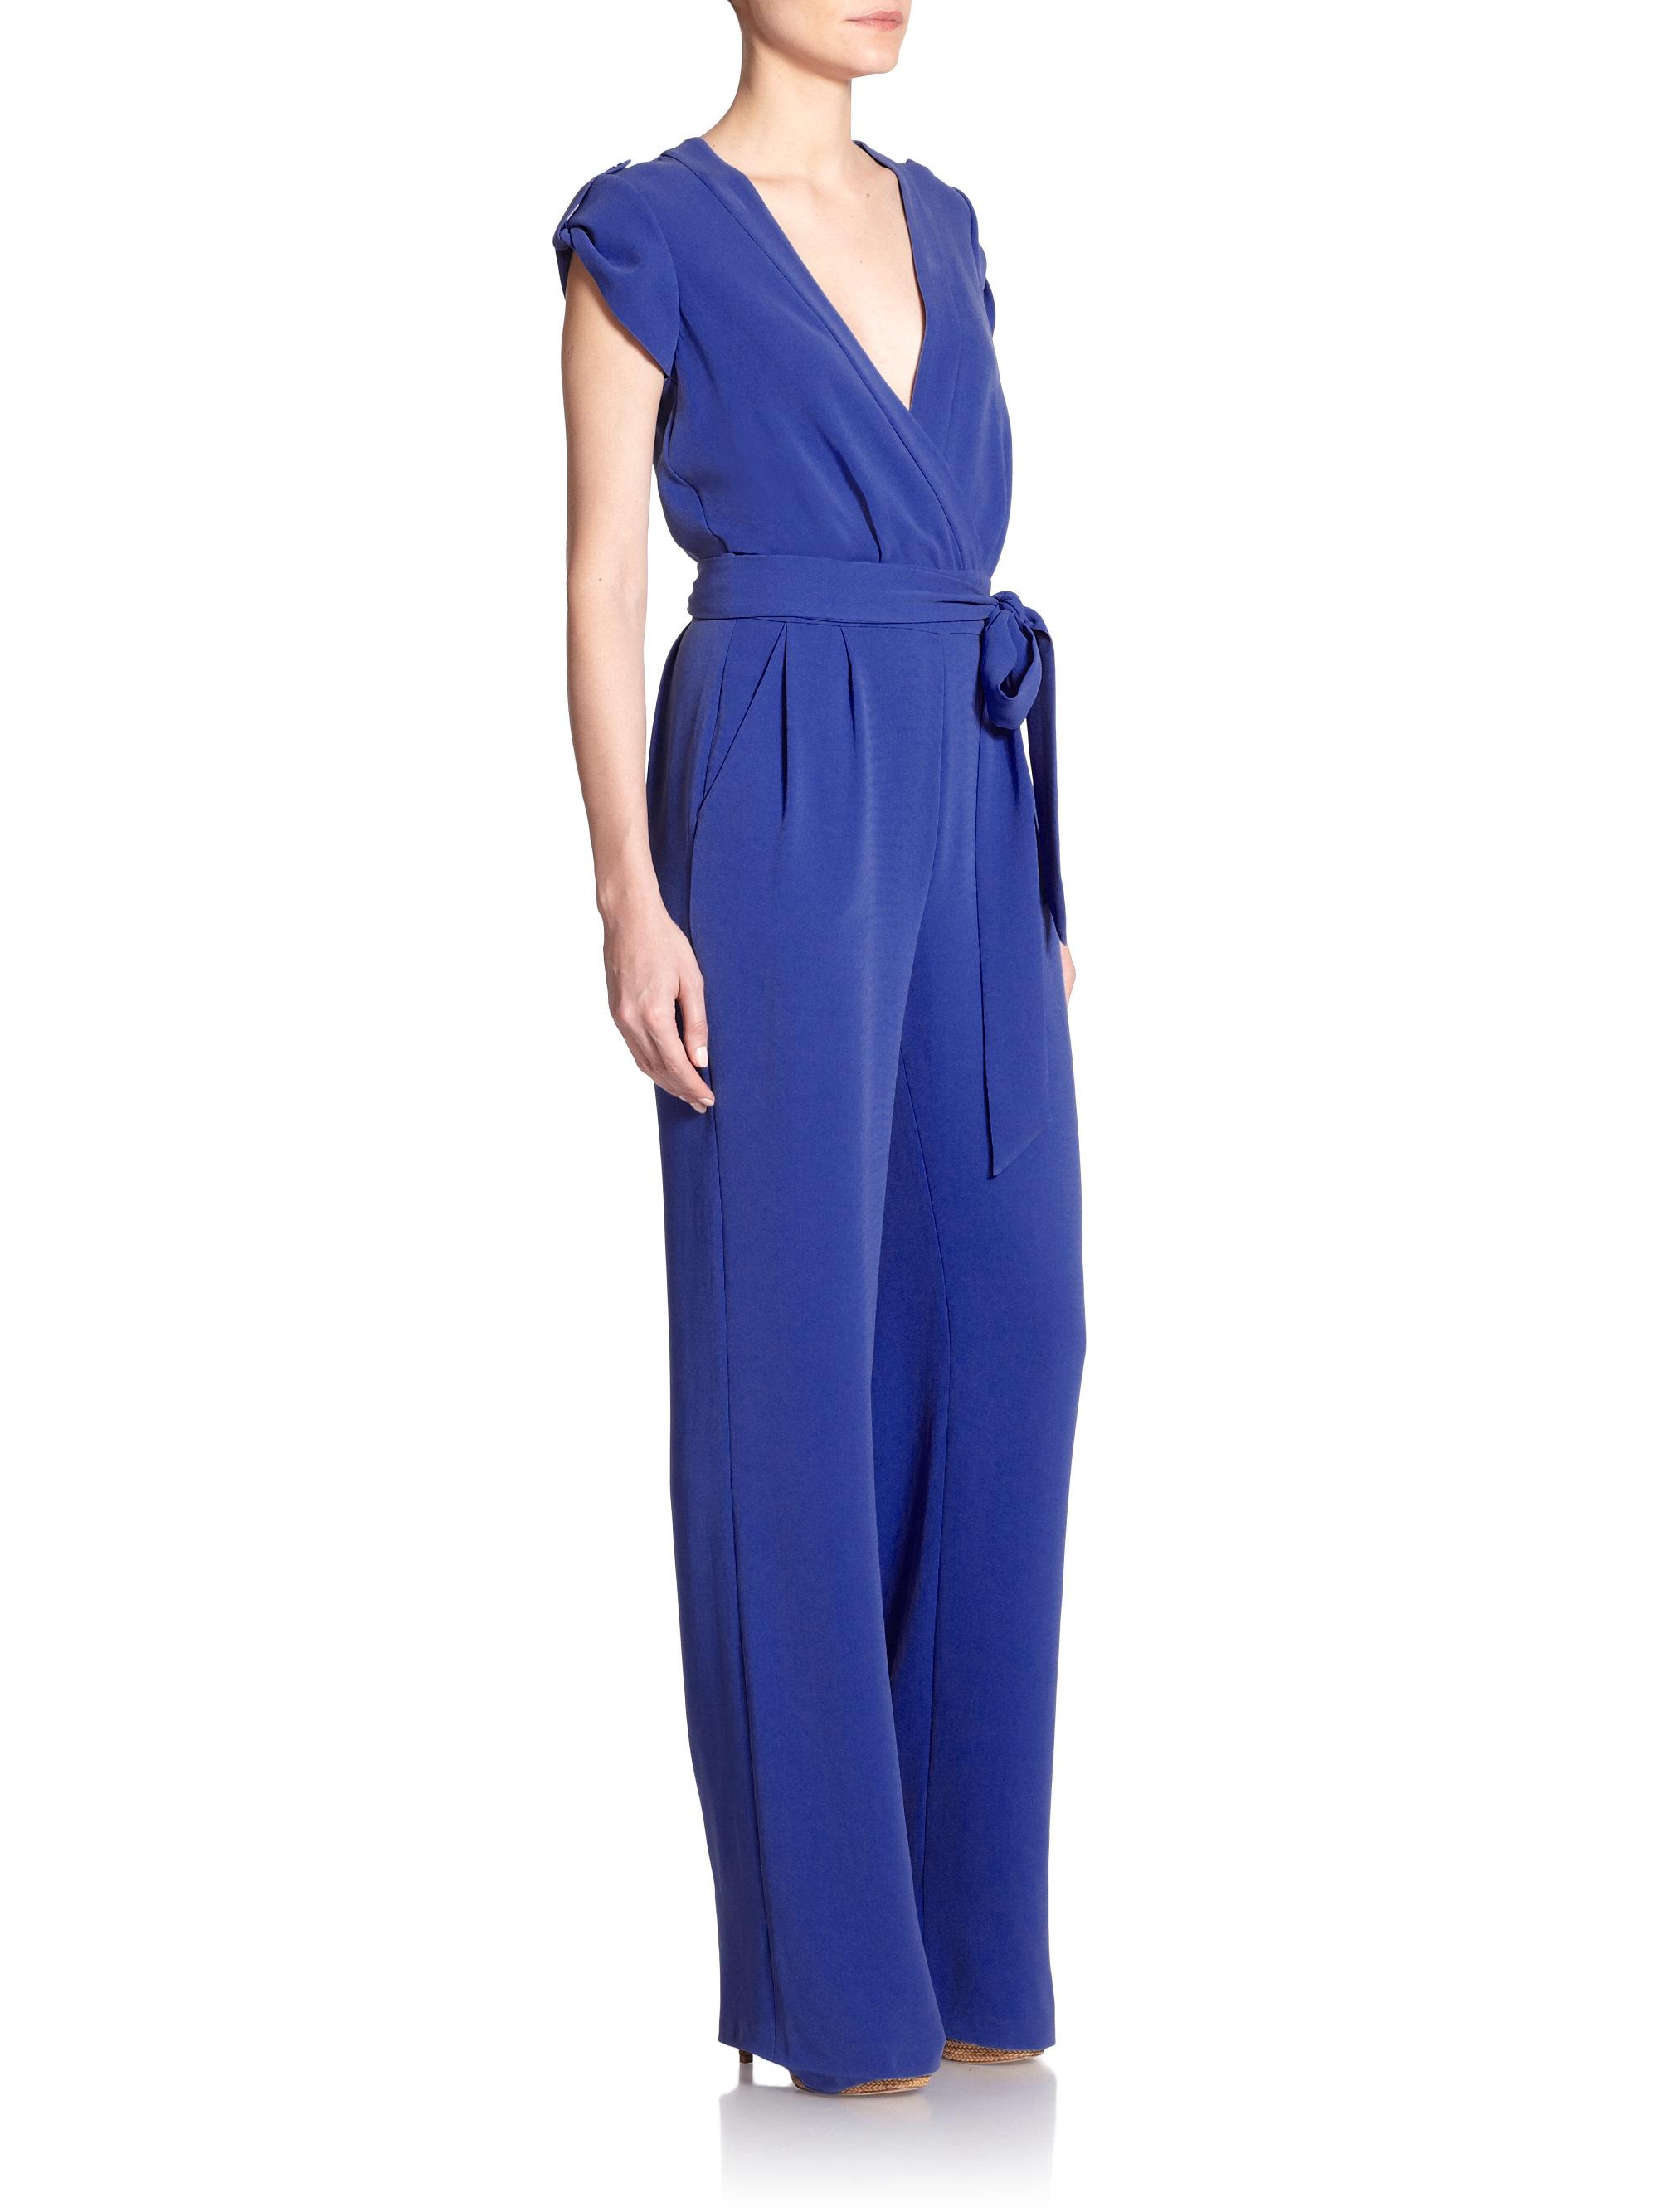 cfa3ee3d646 Lyst - Diane von Furstenberg Purdy Crepe Jumpsuit in Blue